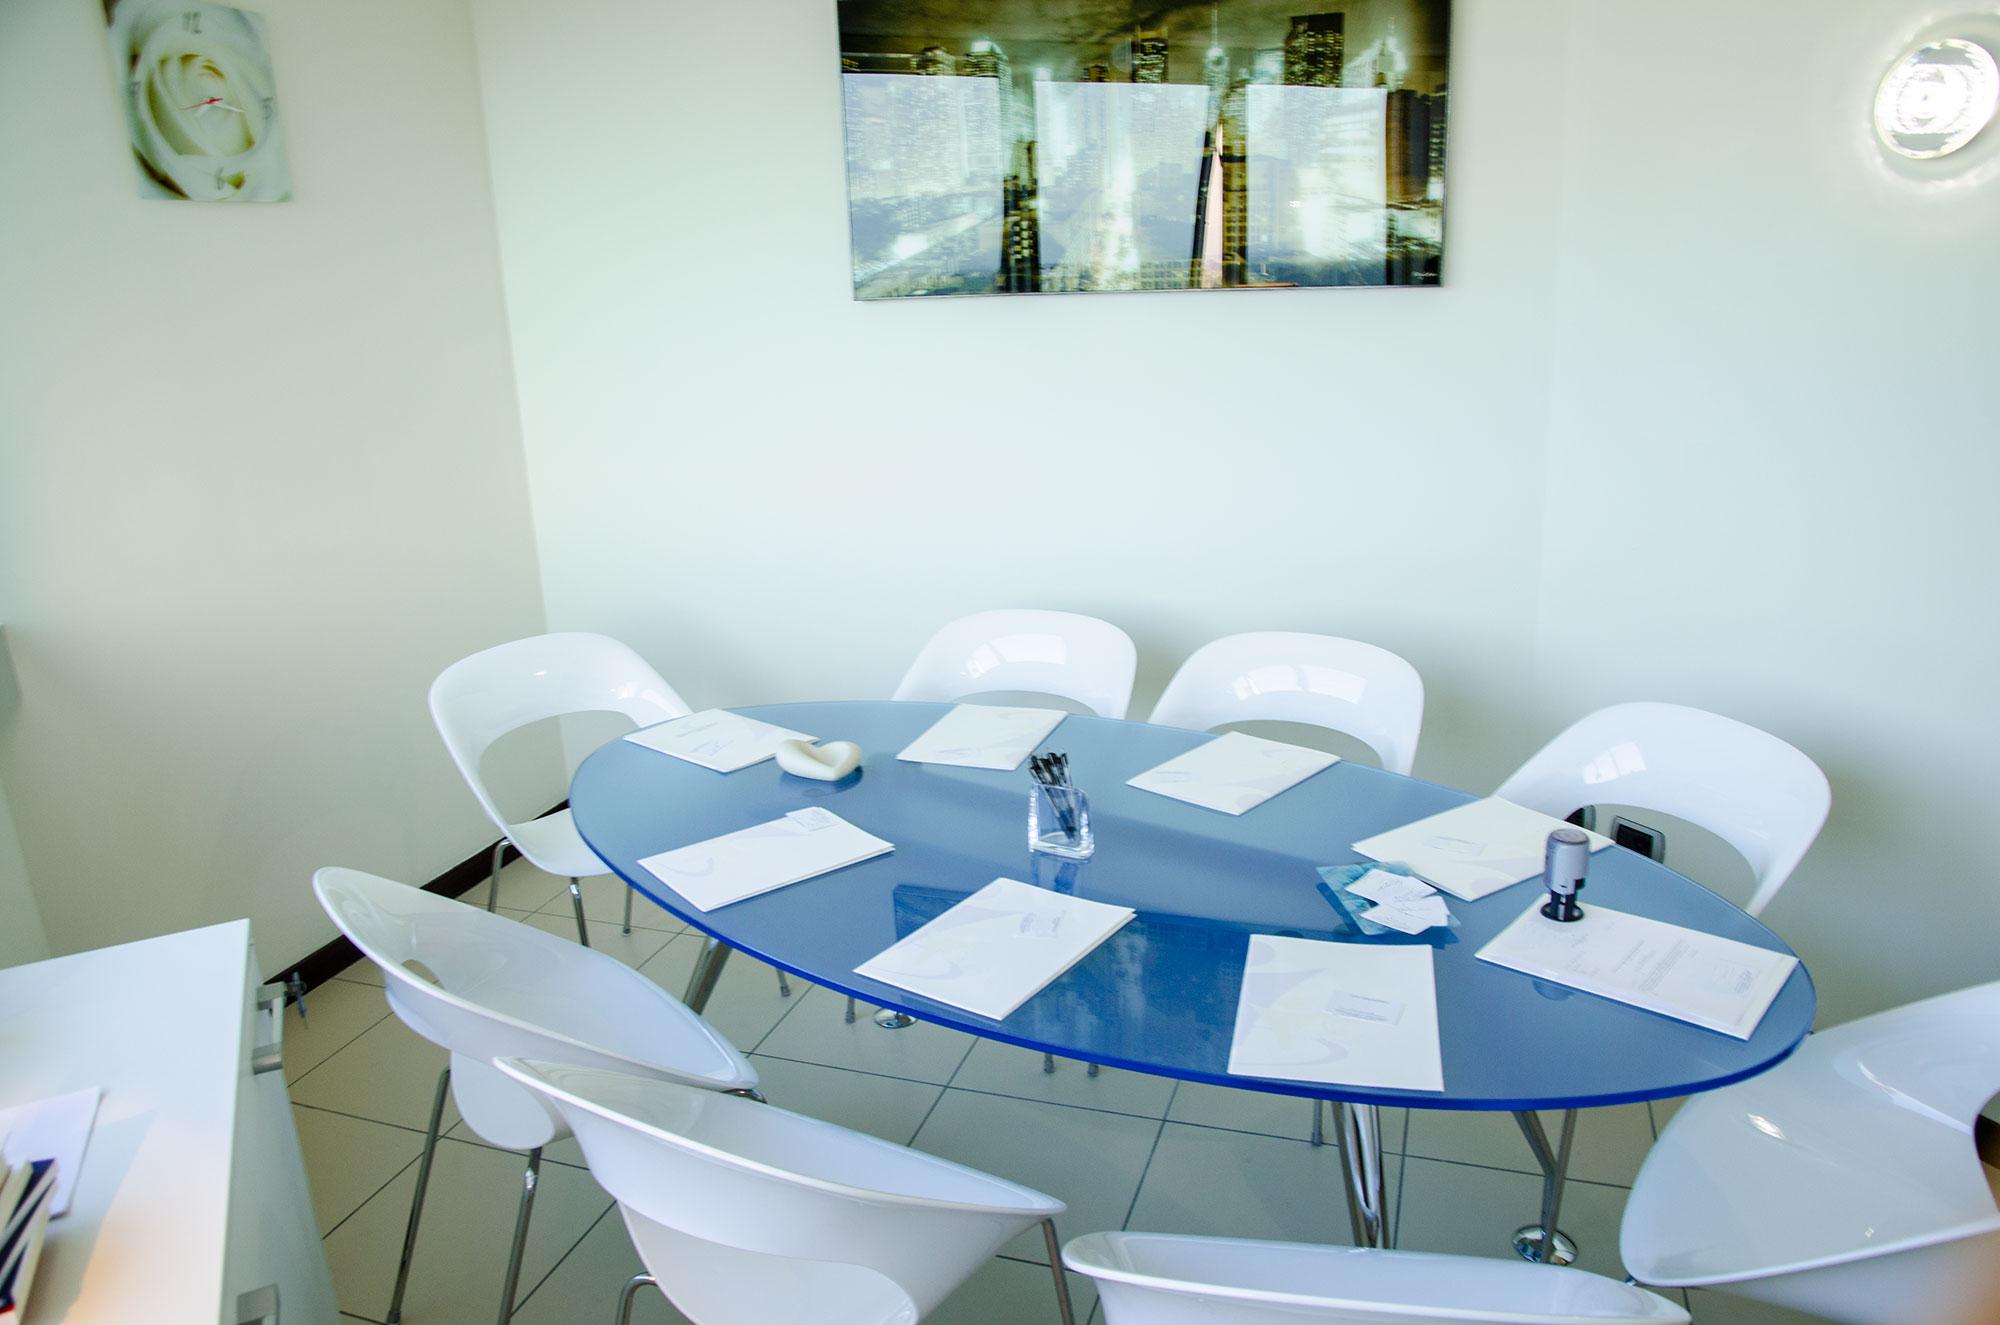 Sede centrale Latina Legal professional network ADR OCC organismo per la composizione della crisi oranismo di mediazione organismo di mediazione risoluzione controversie via ufente 20 Latina